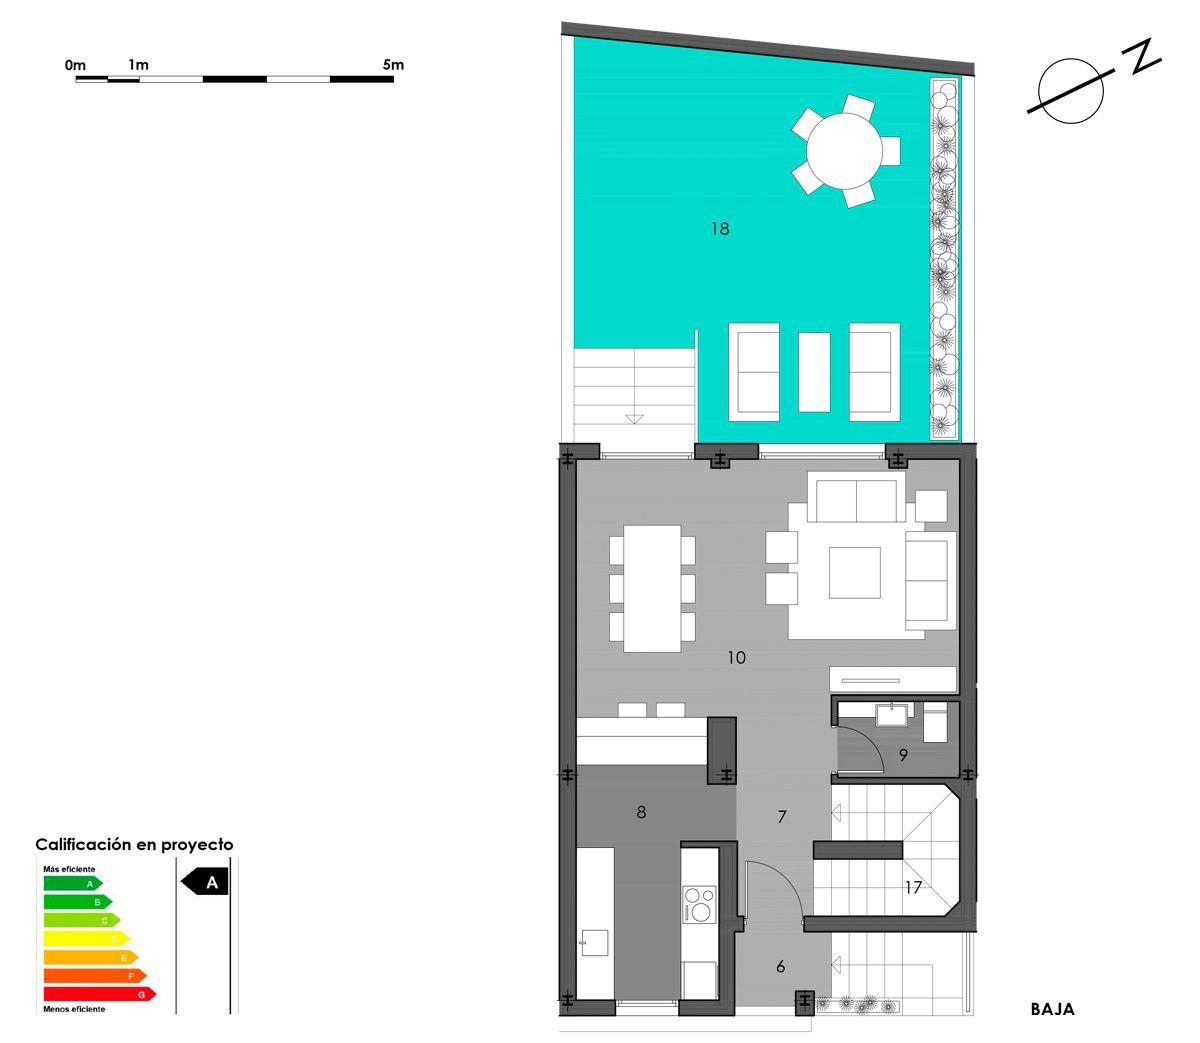 planta baja vivienda 6